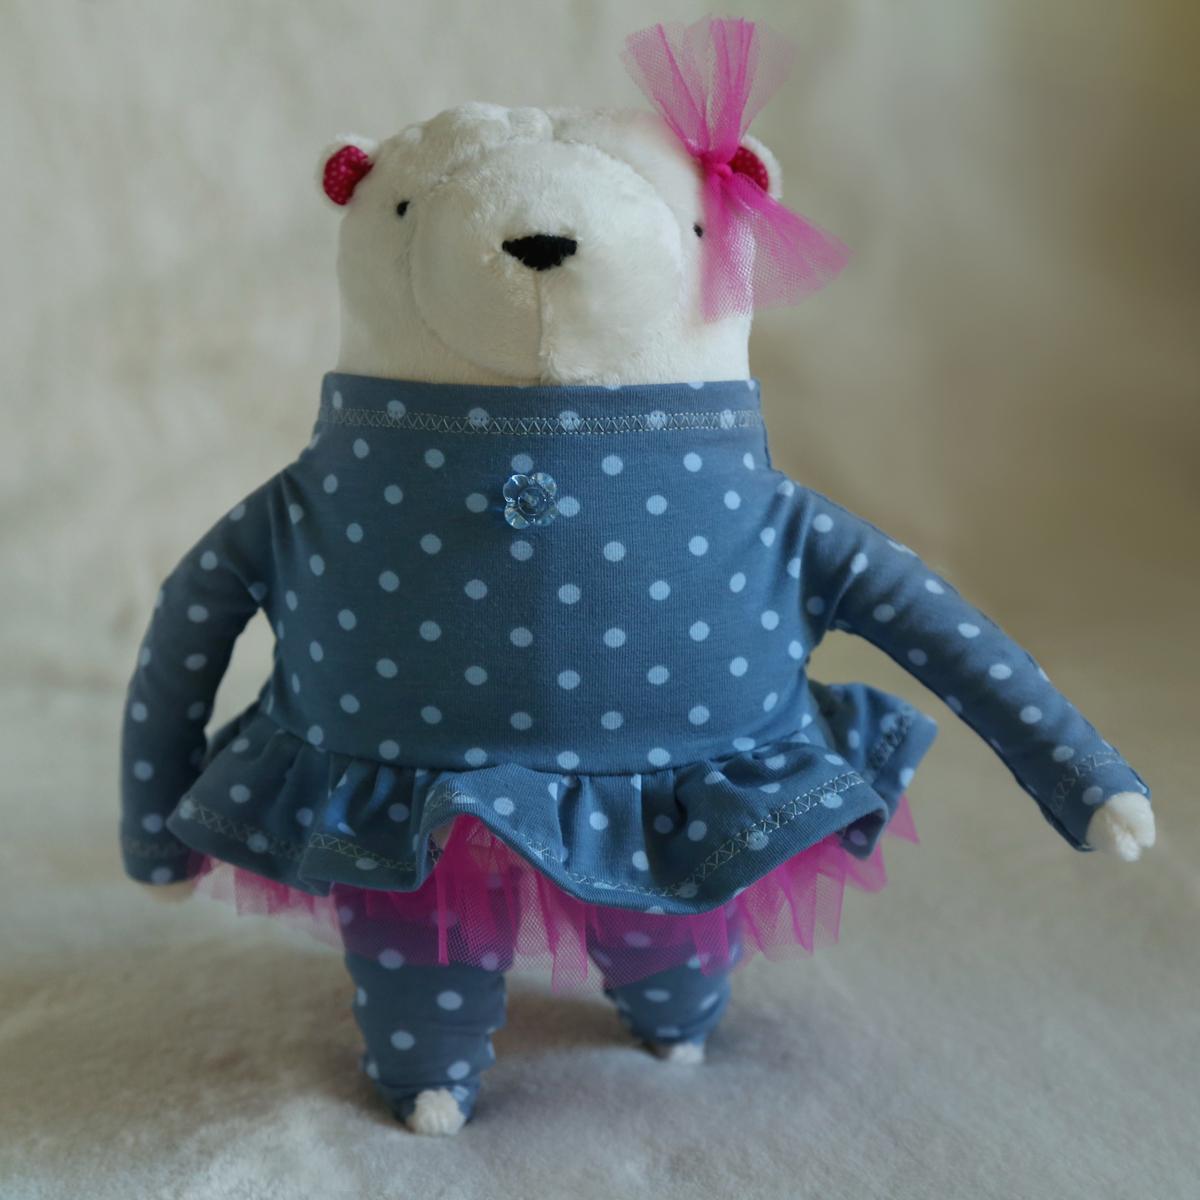 medvěd allydesign hračka